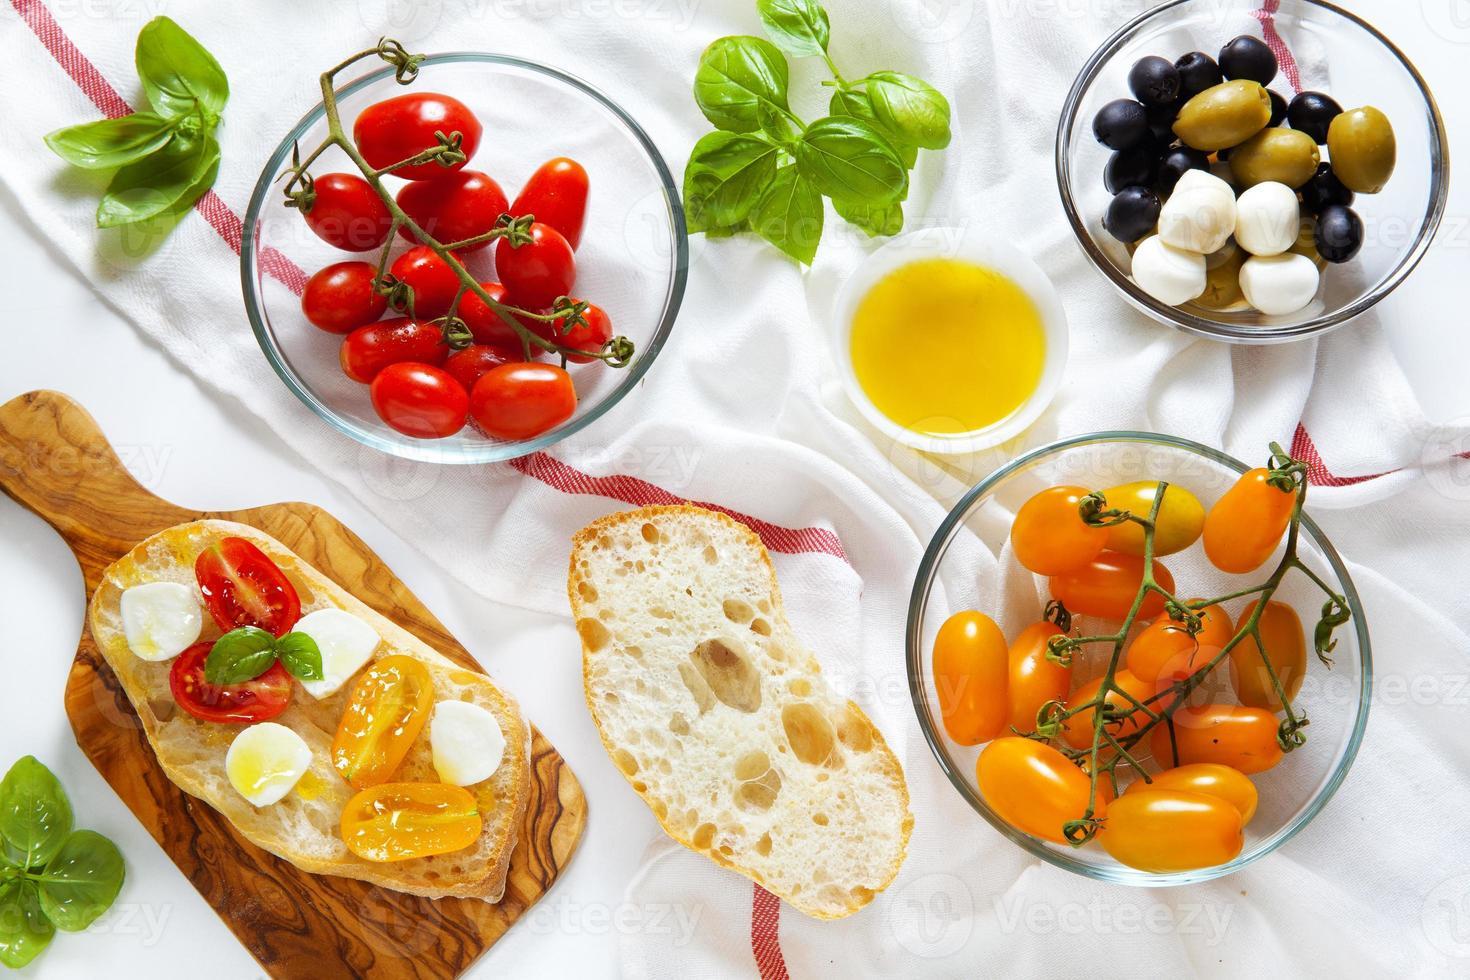 bruschetta com tomate cereja amarelo e vermelho, manjericão fresco, gre foto